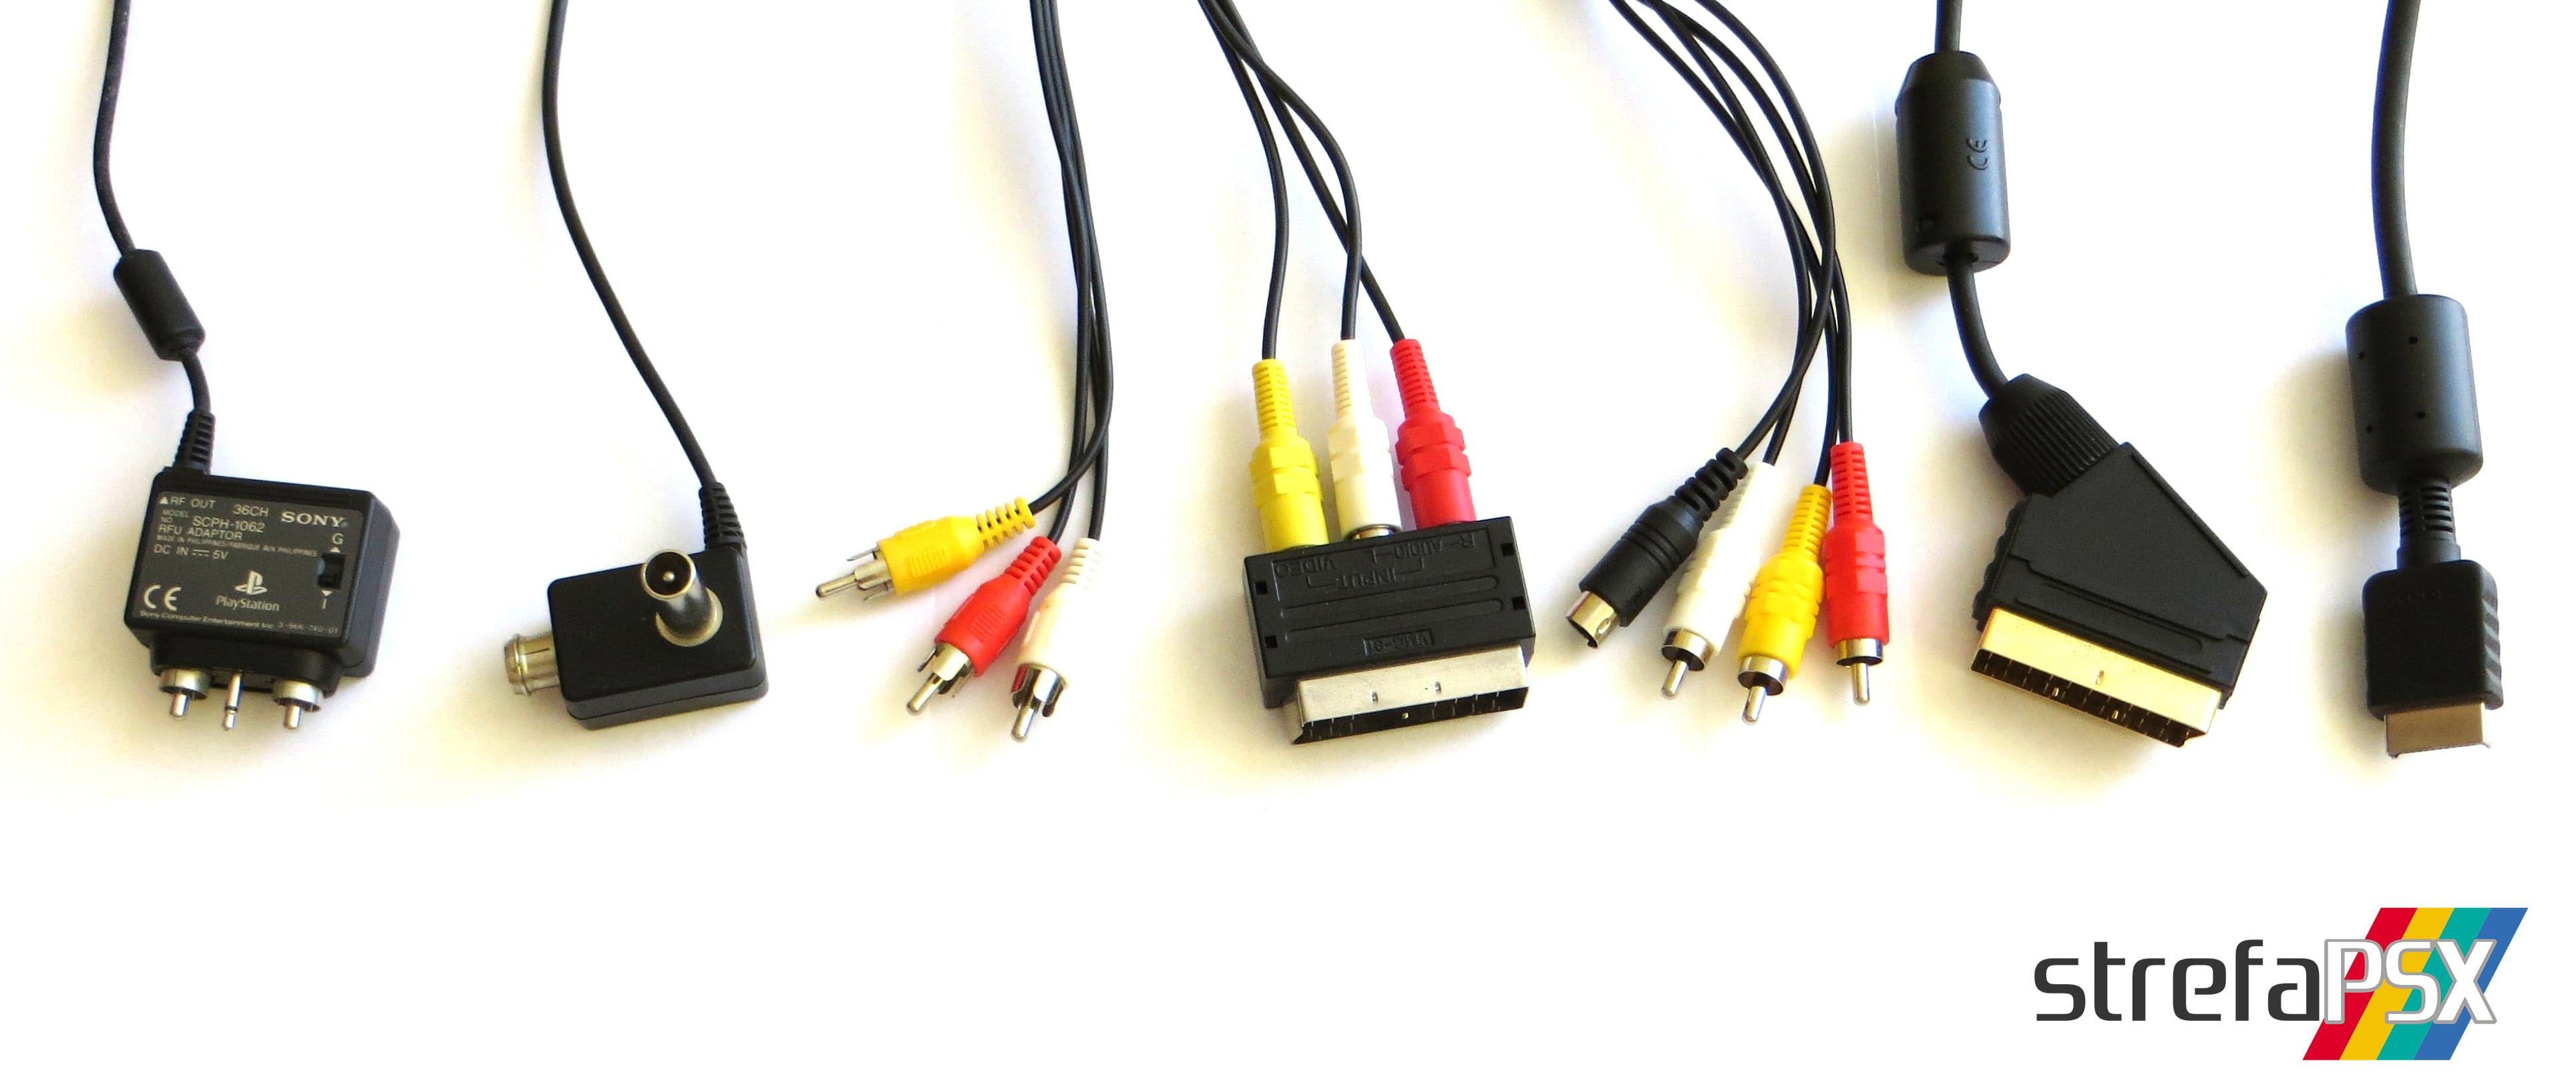 jakosc obrazu kable - Jakość obrazu - Composite vs S-Video vs SCART RGB